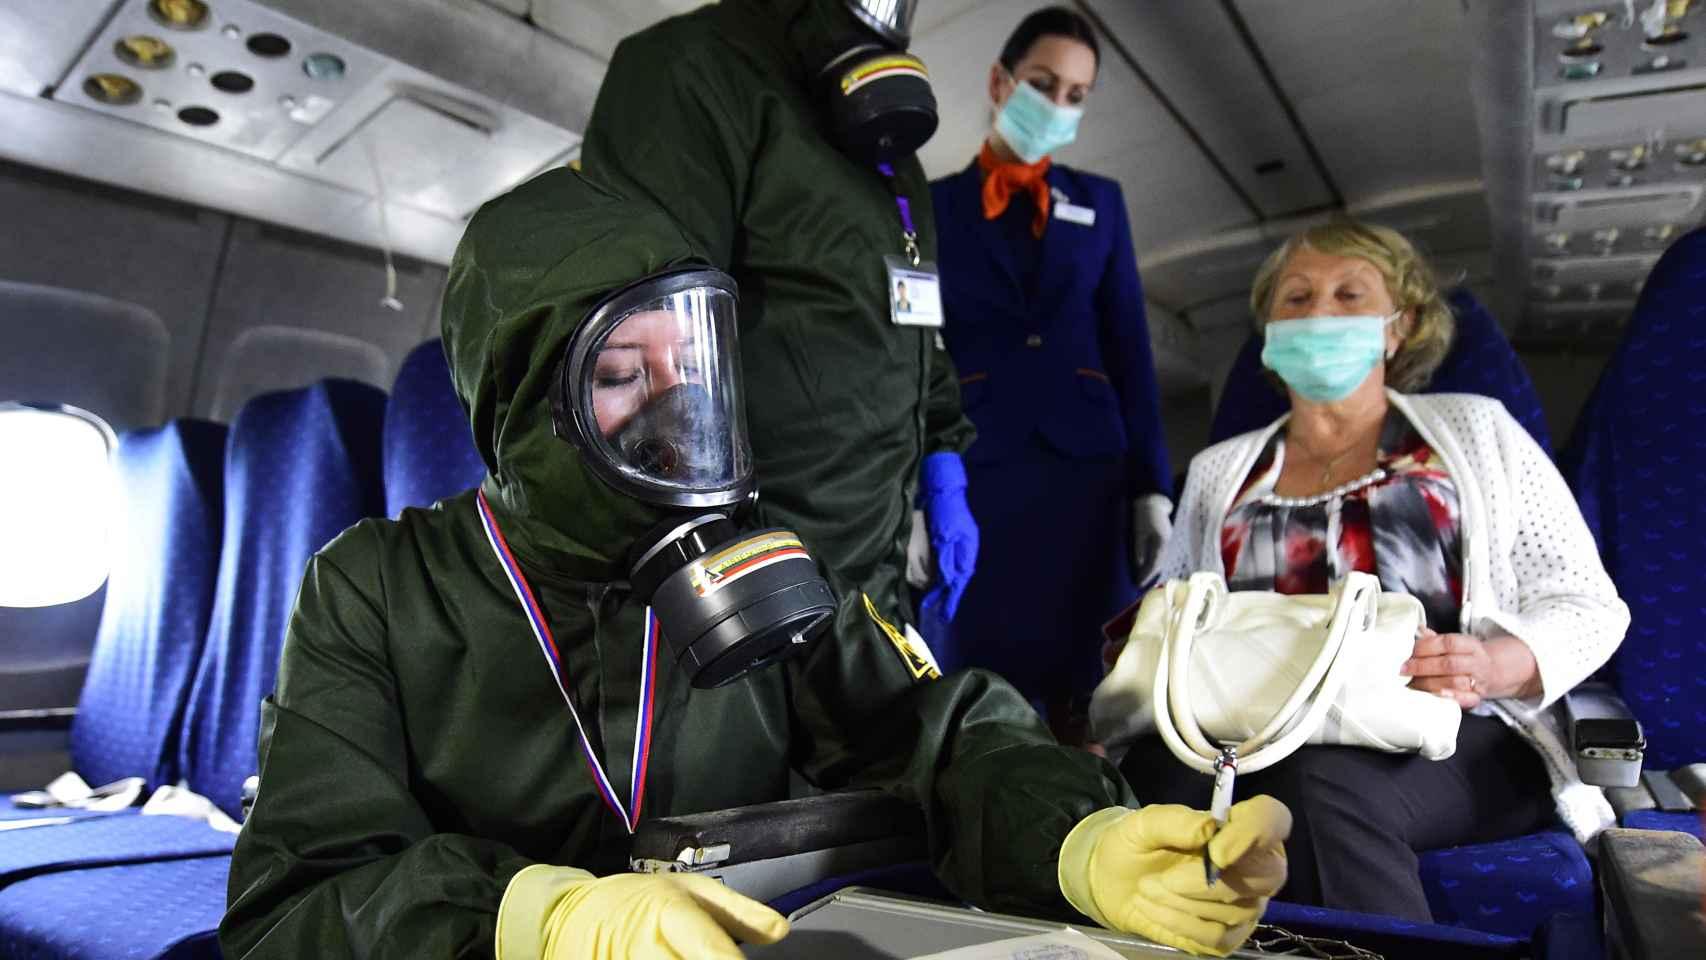 Un equipo médico a bordo de un avión.